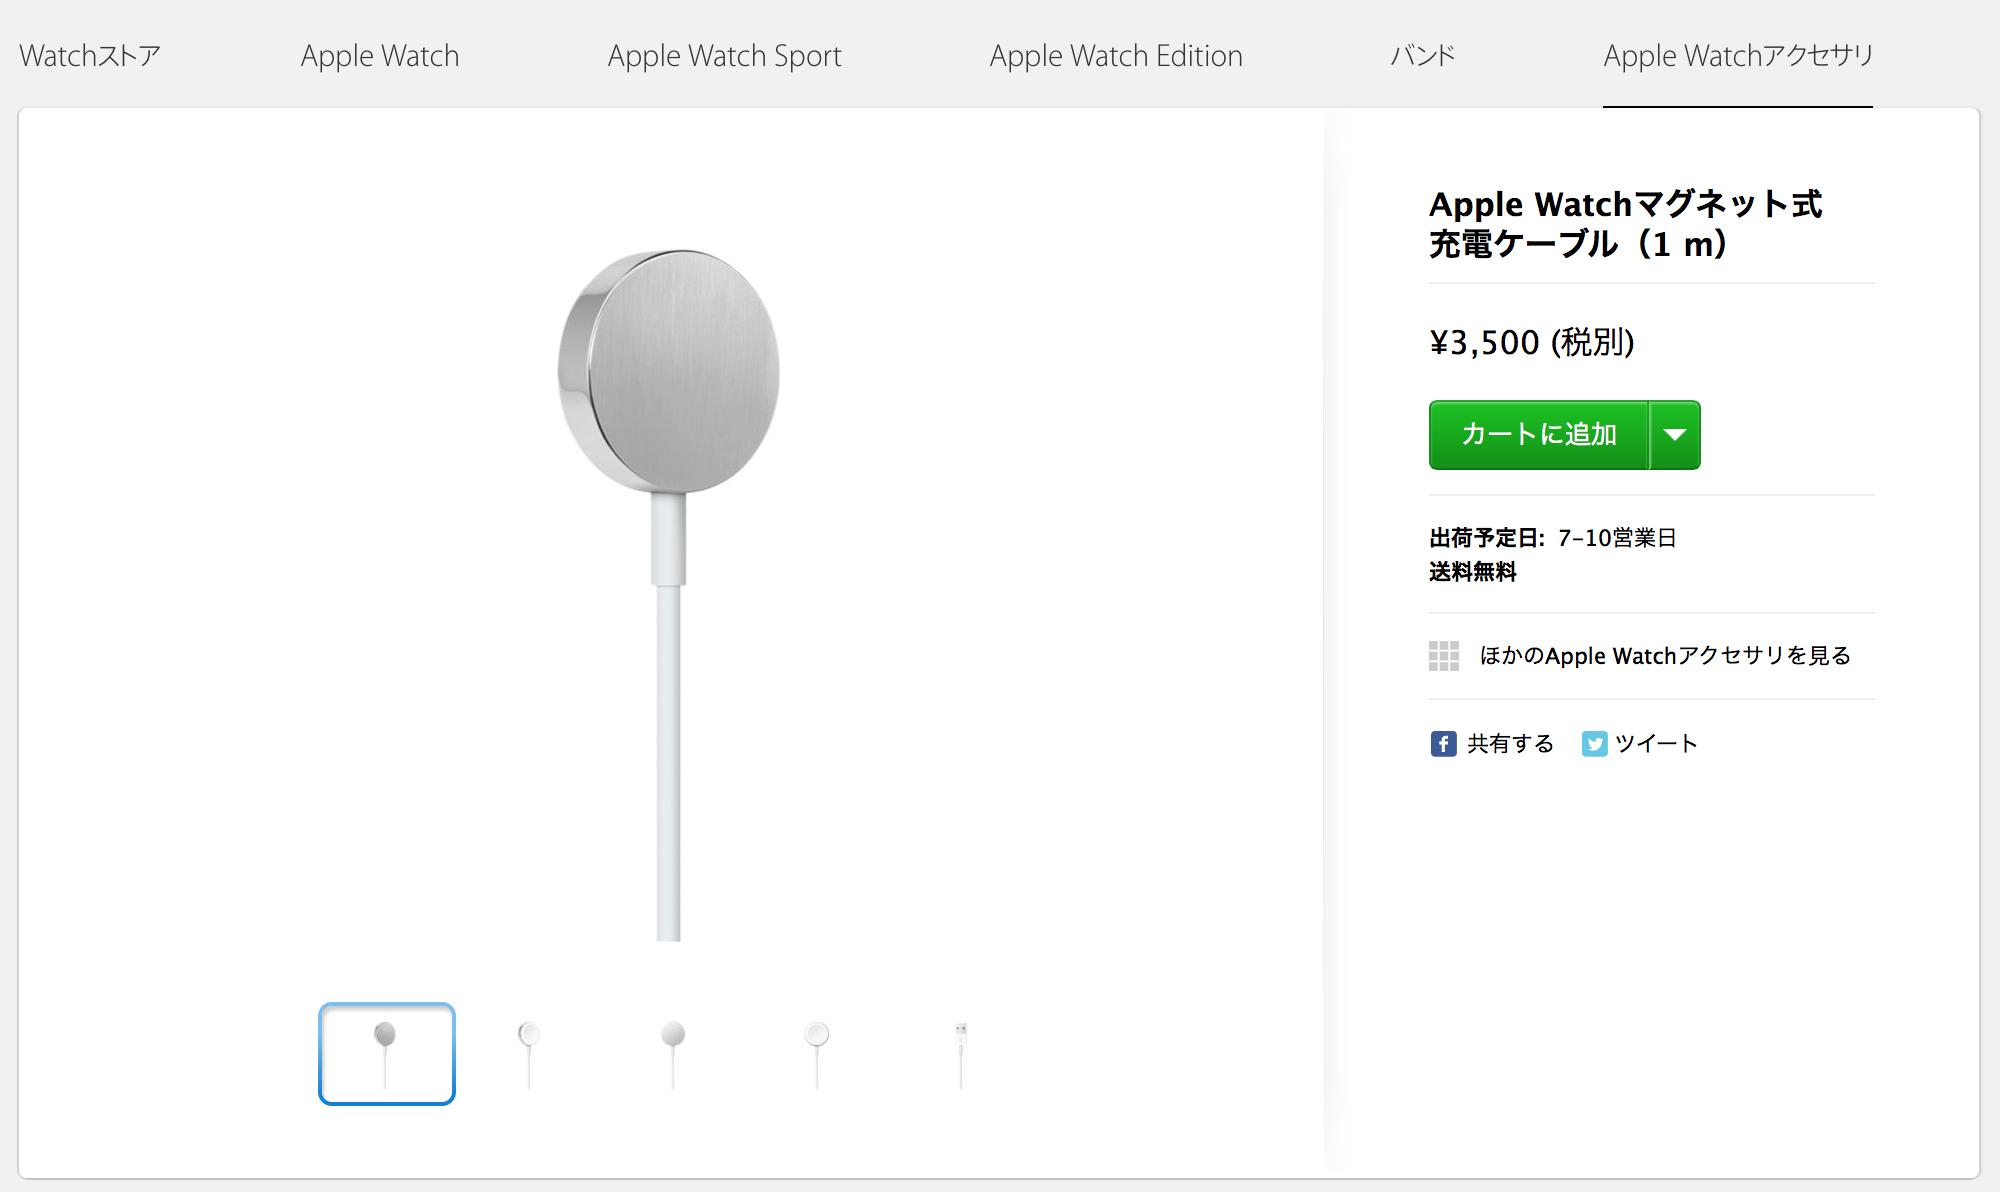 Apple Watchの充電ケーブルはUSBから充電可能?Apple StoreにUSBコネクタの画像が